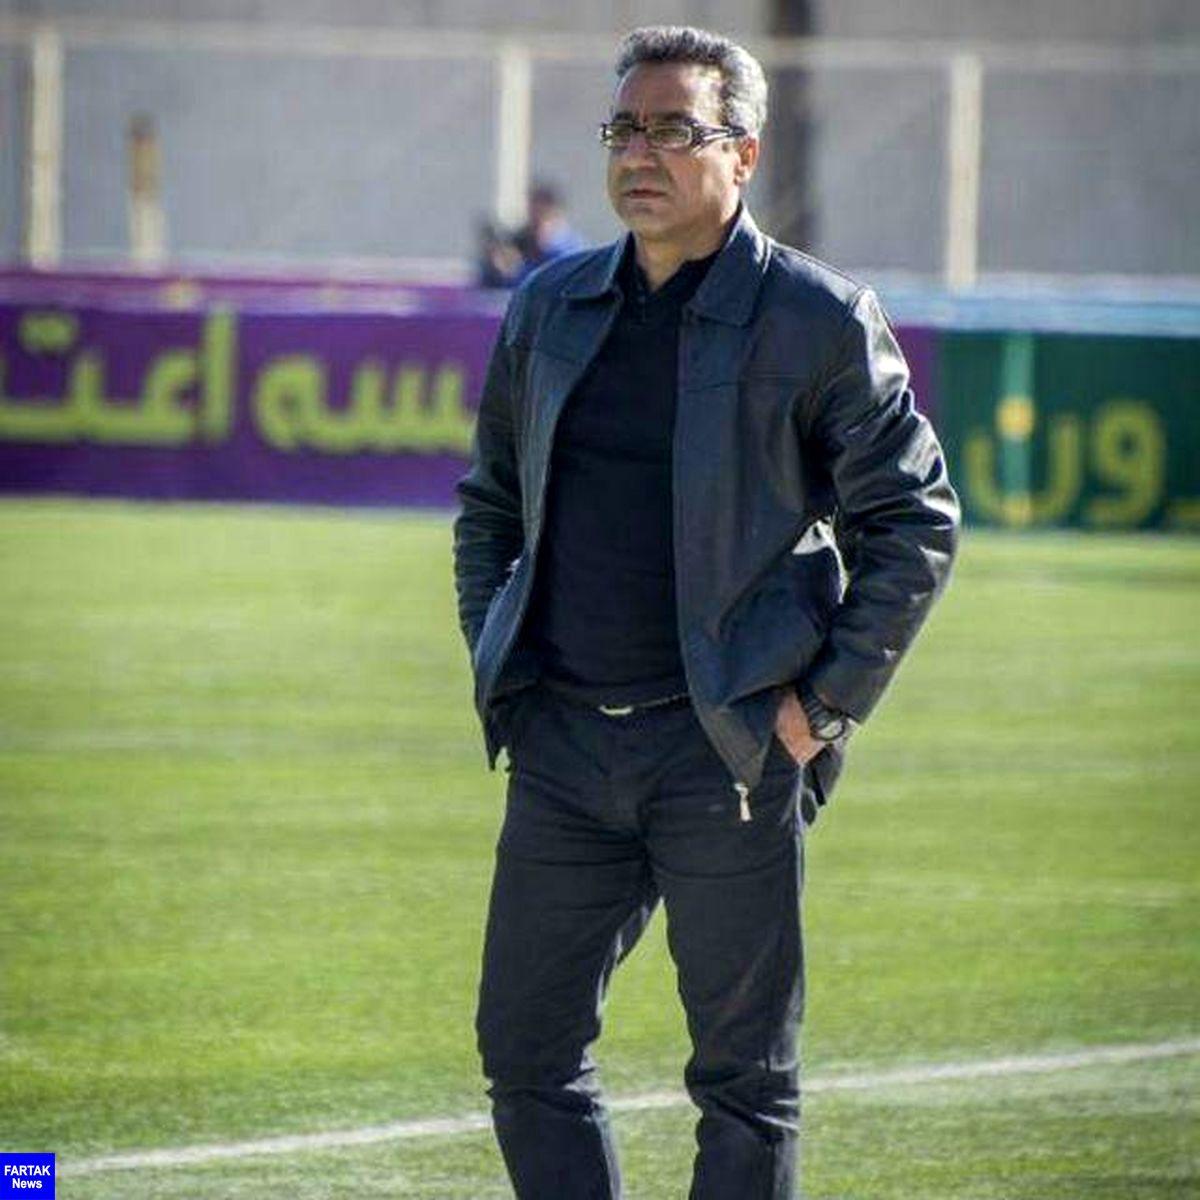 علی اصغر کلانتری:برای چوکا احترام خاصی قائل هستیم و این تیم را دست کم نمیگیریم